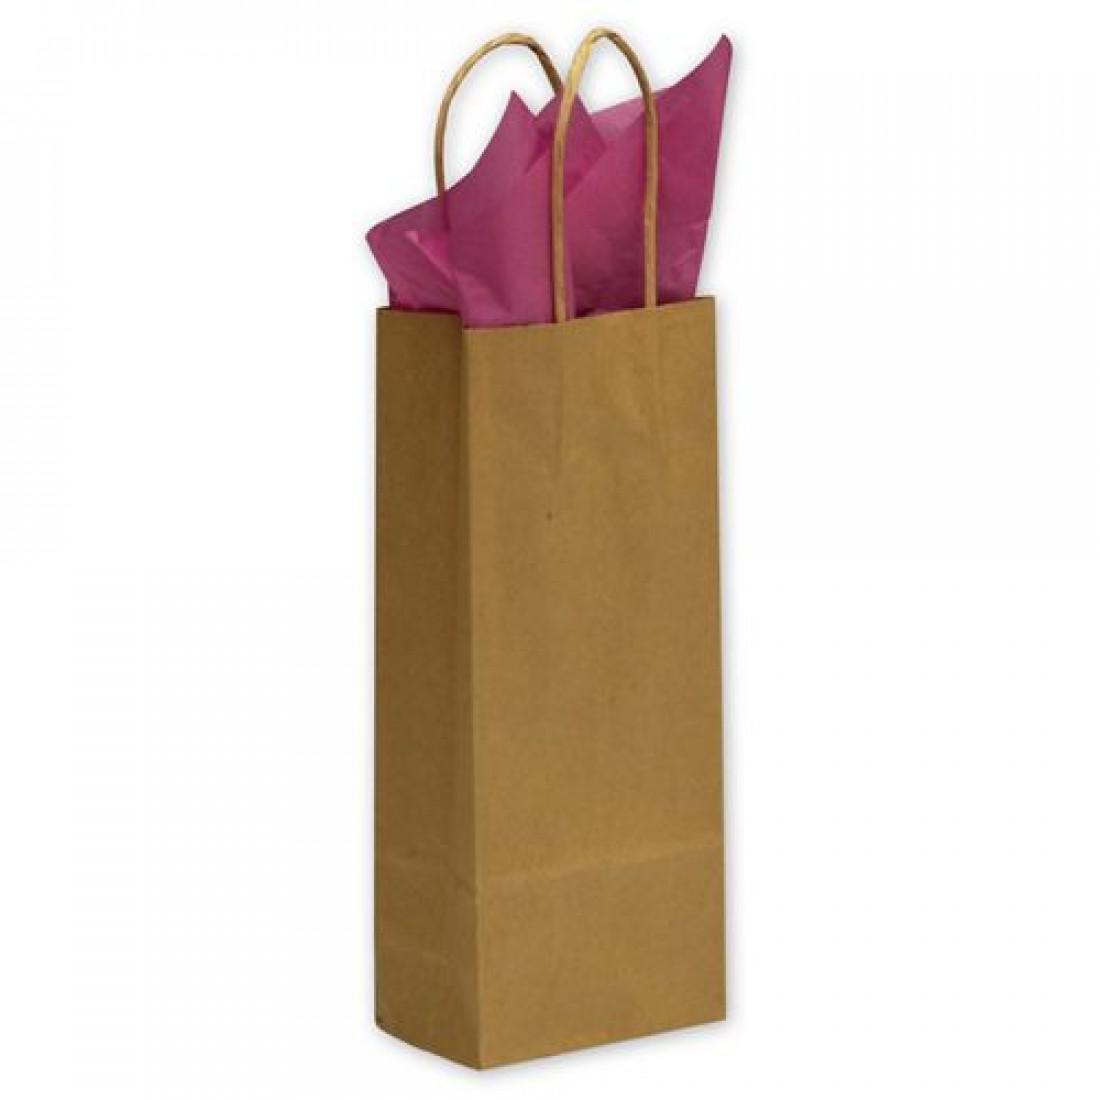 Kraft Paper Bag 5.25x3.5x13